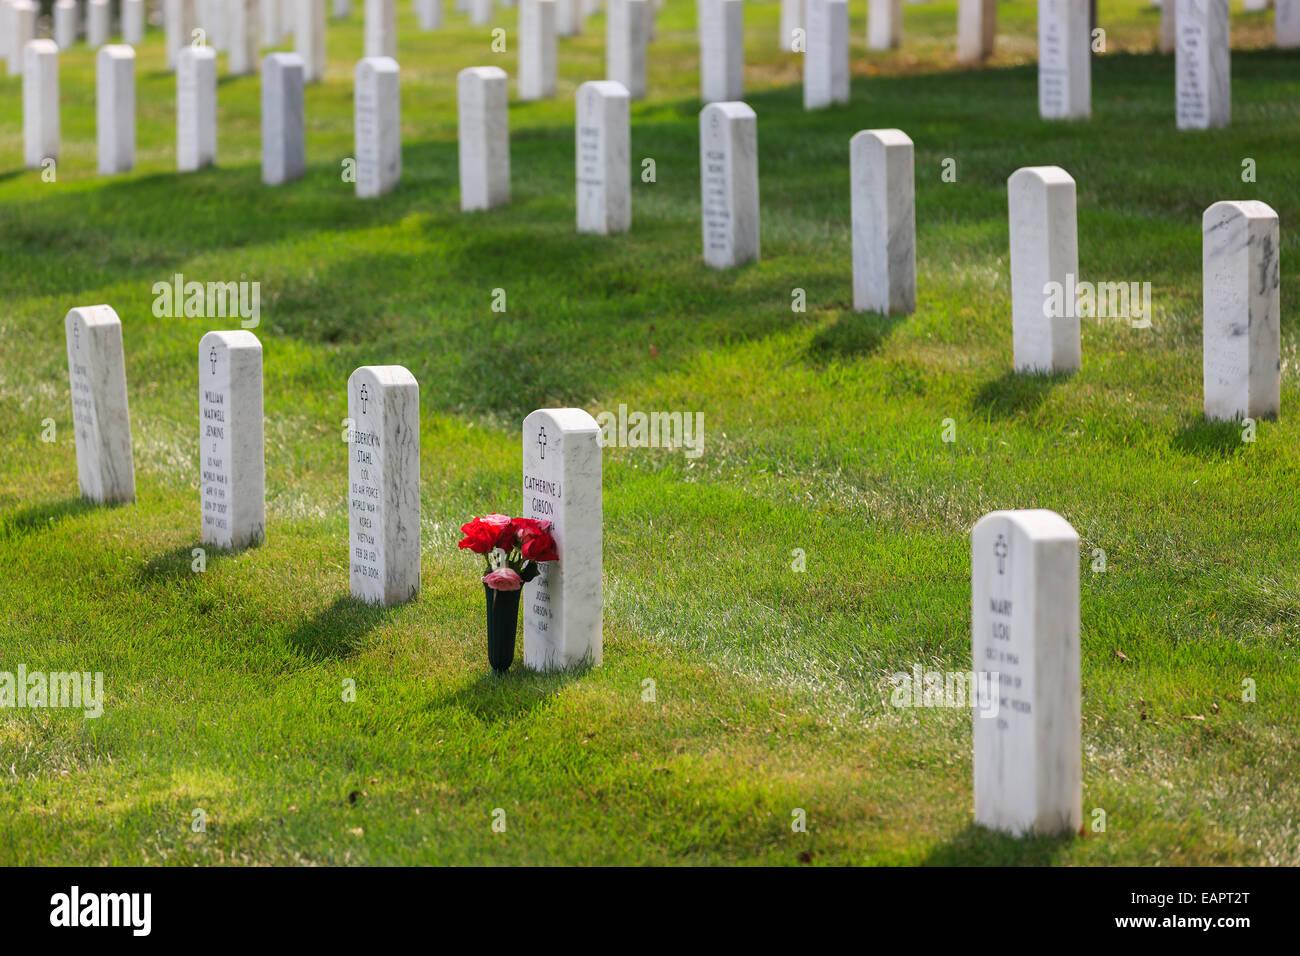 Arlington National Cemetery, Virginia, USA - Stock Image